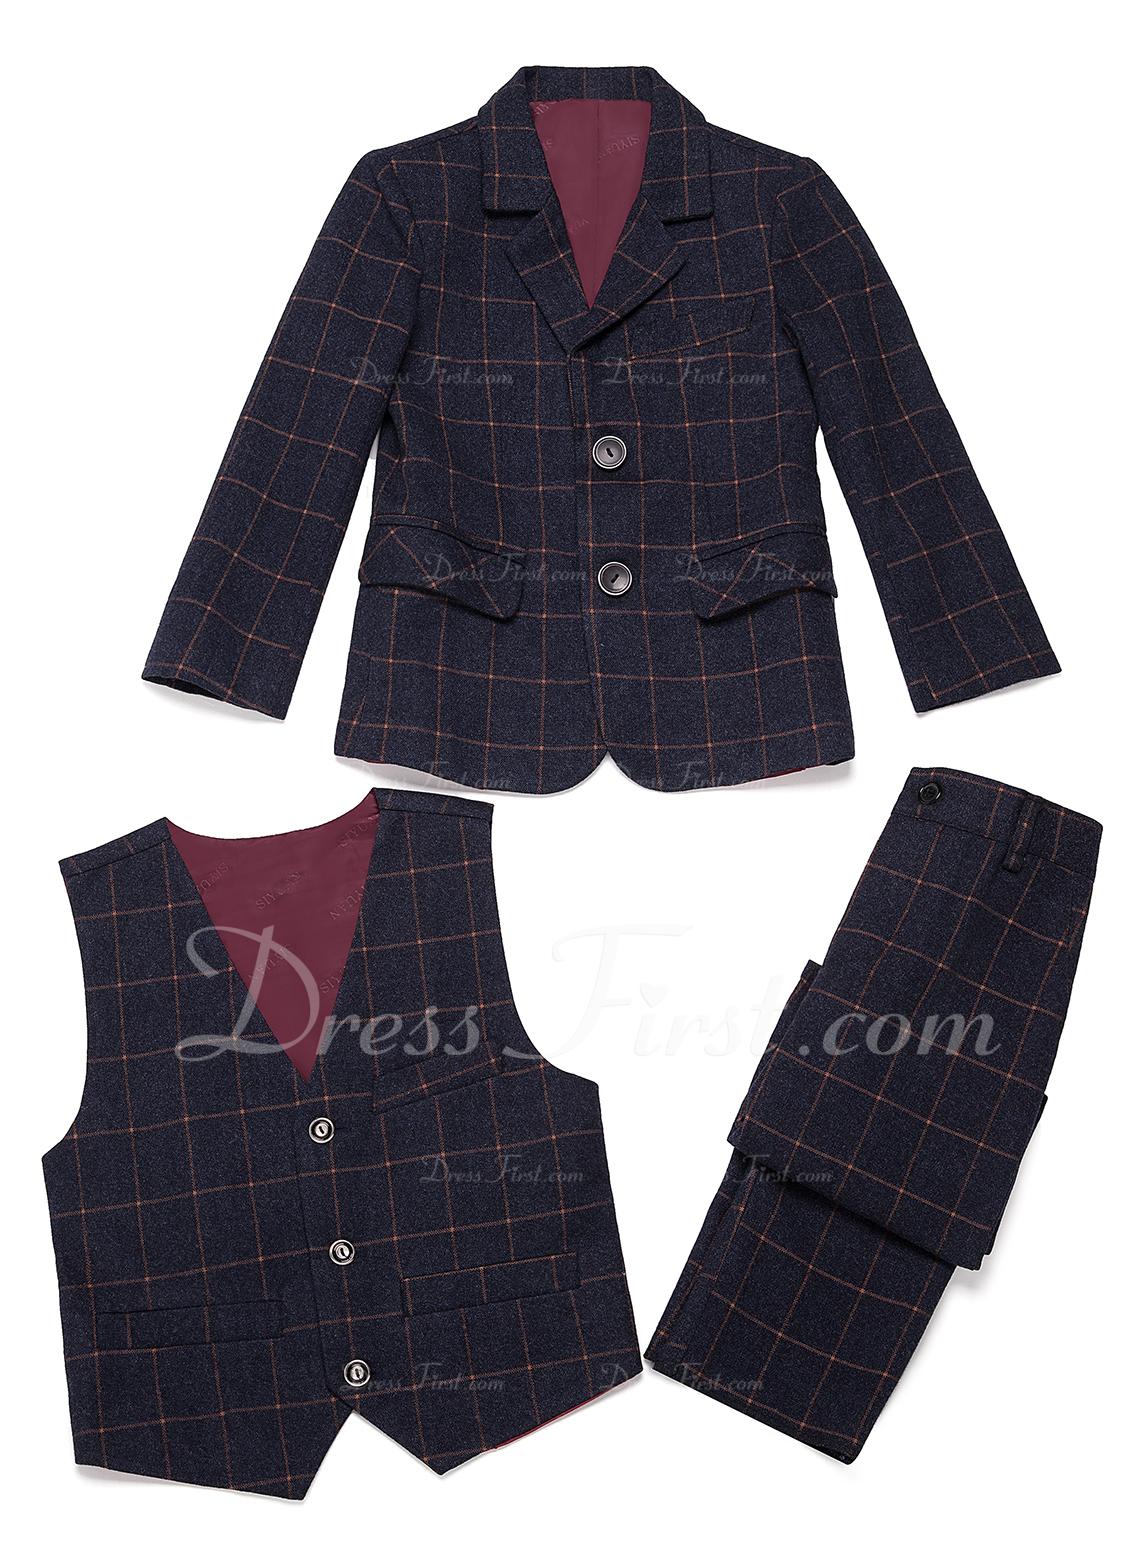 gutter 3 stykker Plaid Suits til ringbærere /Side Boy Suits med Jakke vest Bukser